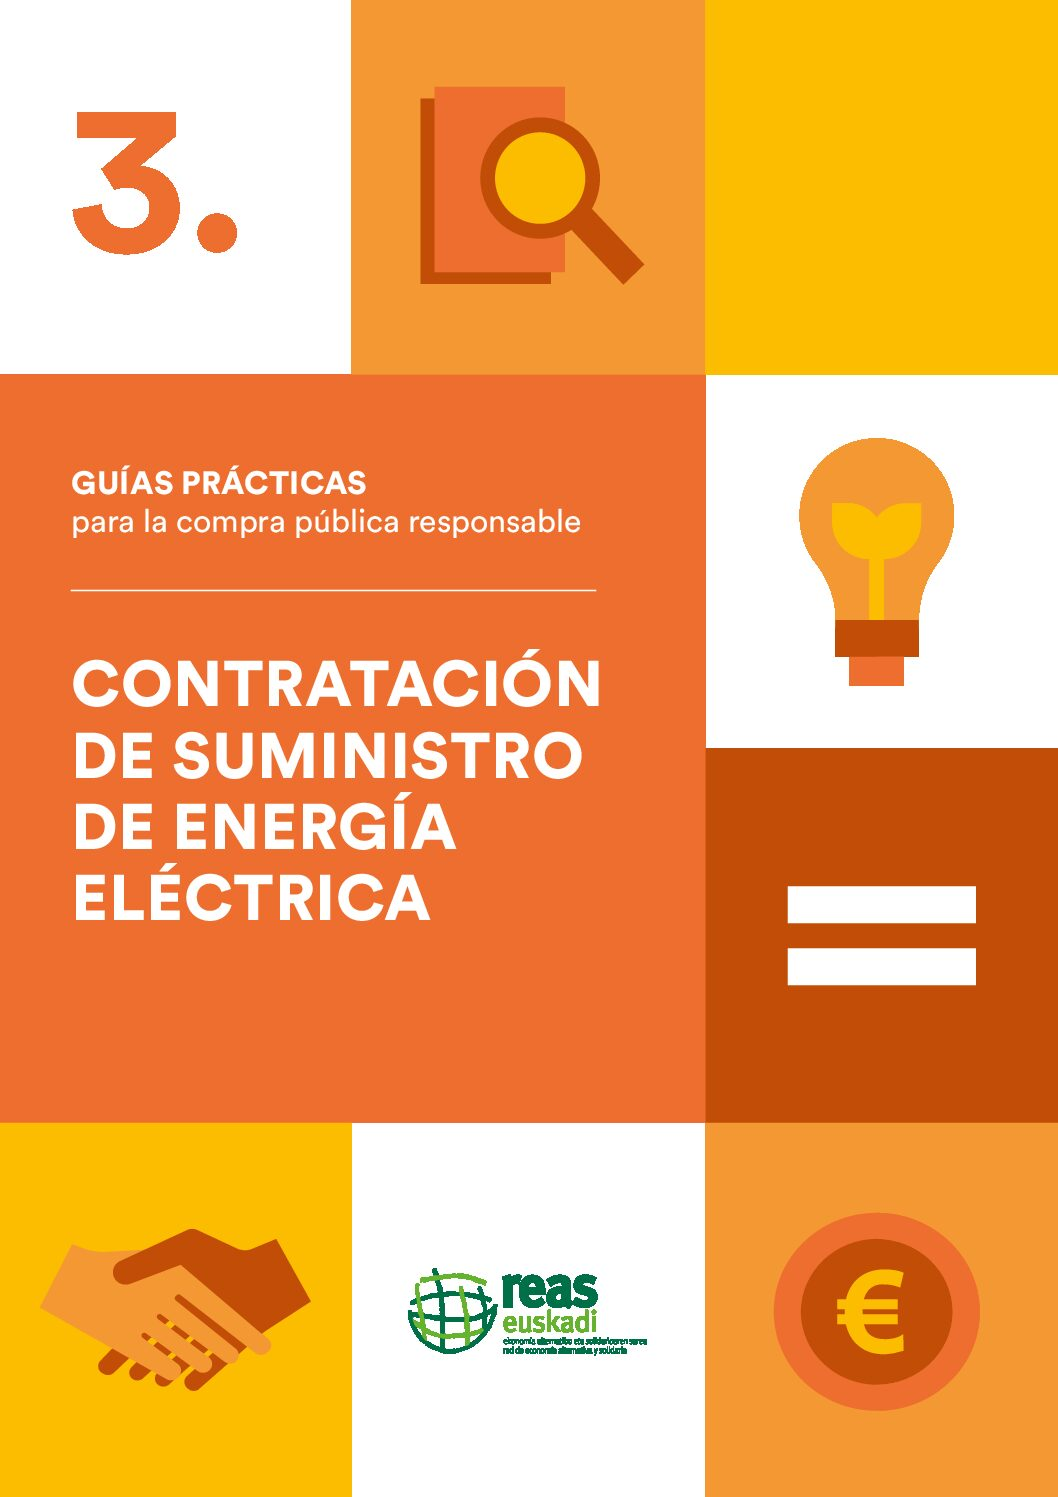 Contratación de suministro de energía eléctrica.